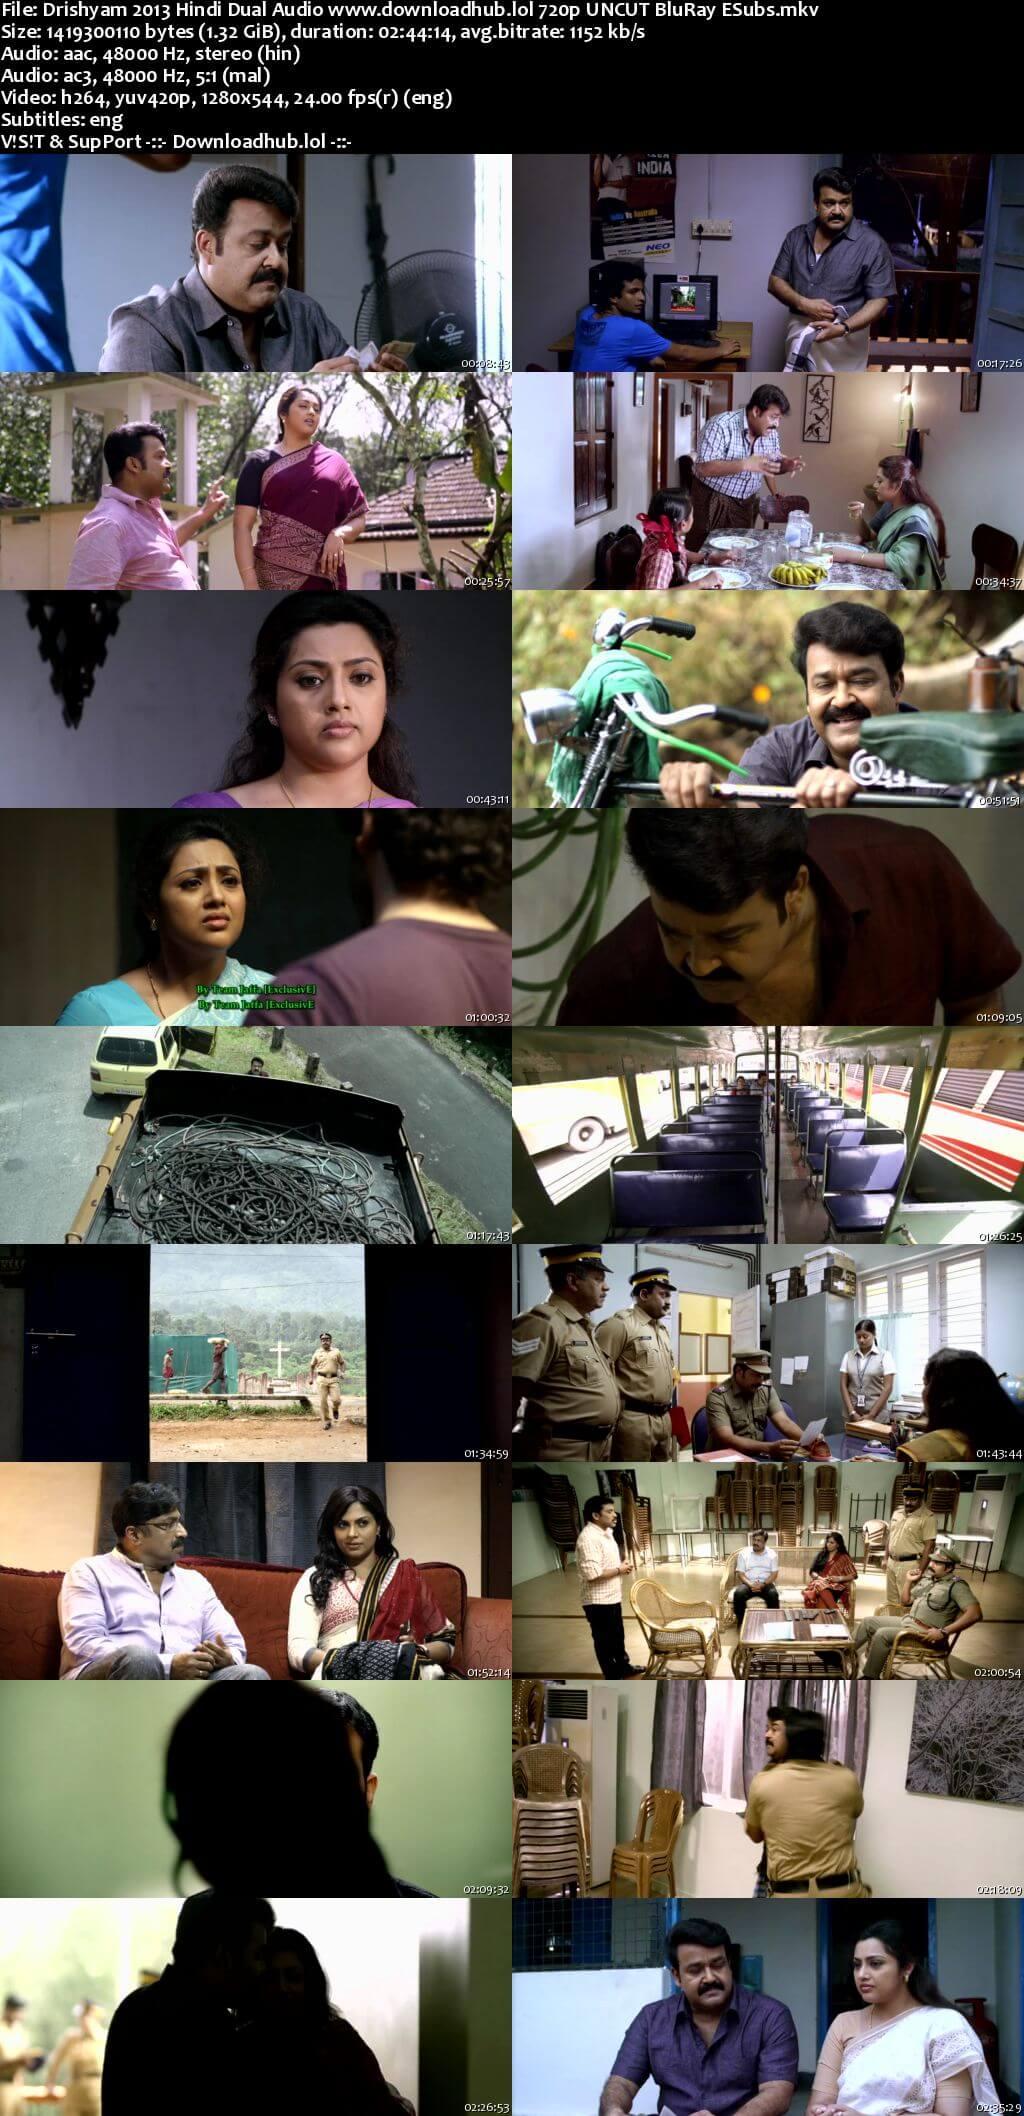 Drishyam 2013 Hindi Dual Audio 720p UNCUT BluRay ESubs